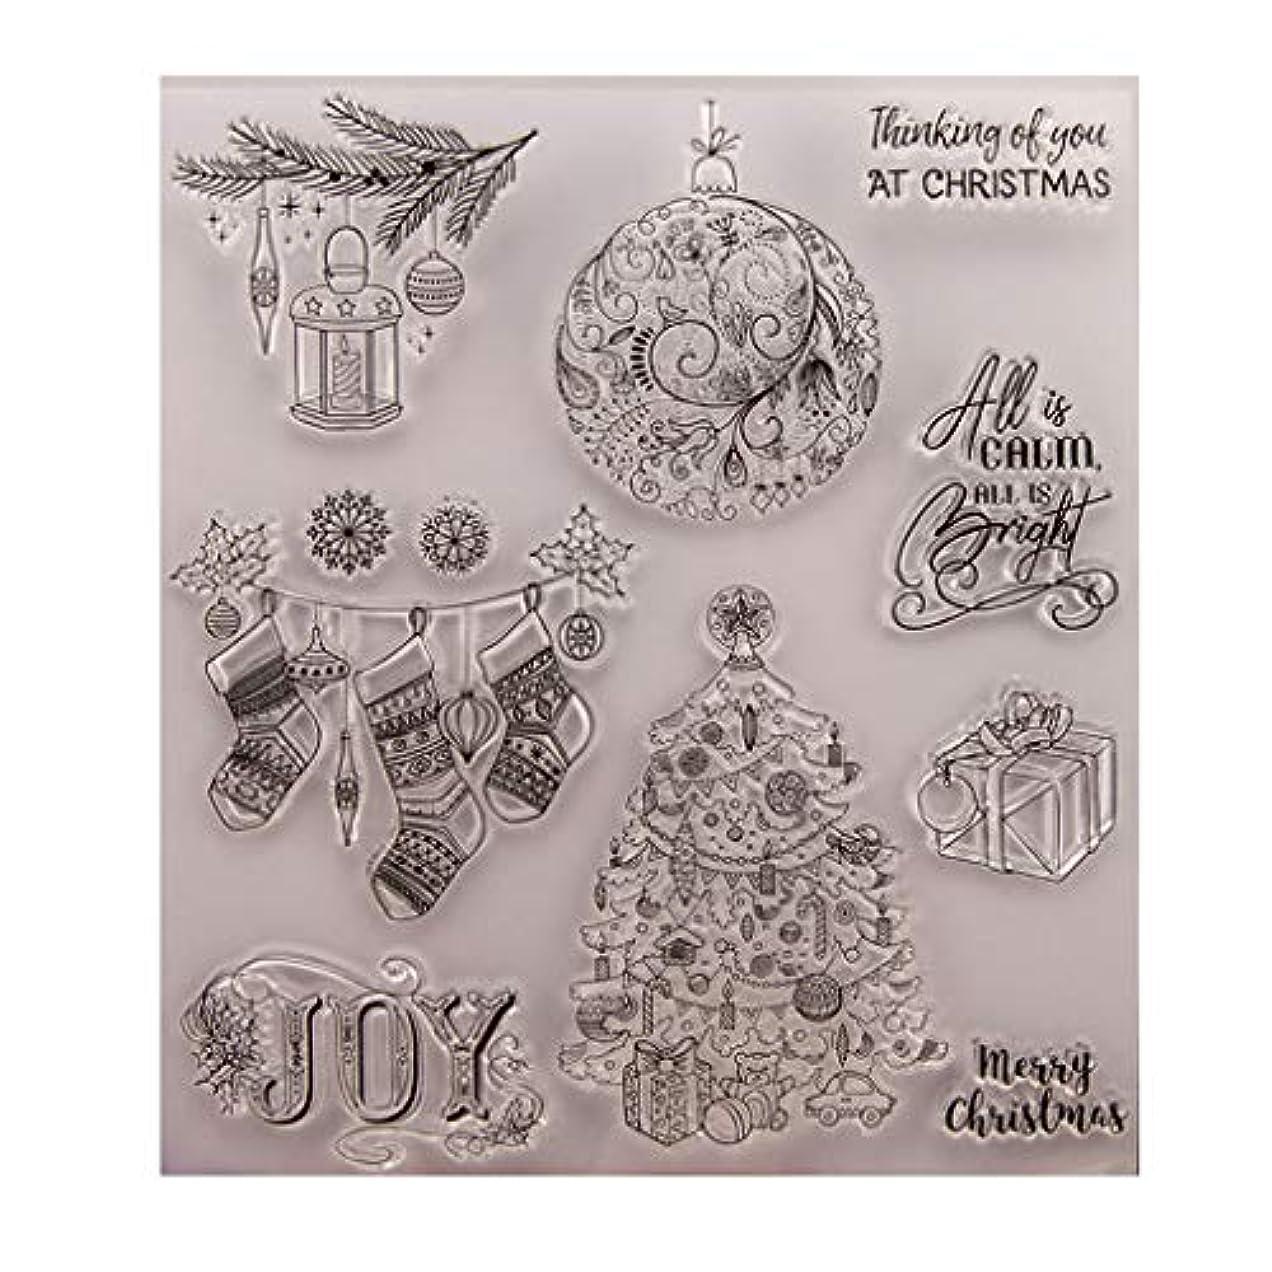 待つ白鳥プラカードBaoyouls クリスマスギフト、クリアスタンプ、透明クリエイティブバッジ画像ラバースタンプシールDIYアルバムクラフトスクラップブックデコレーション、カレンダー